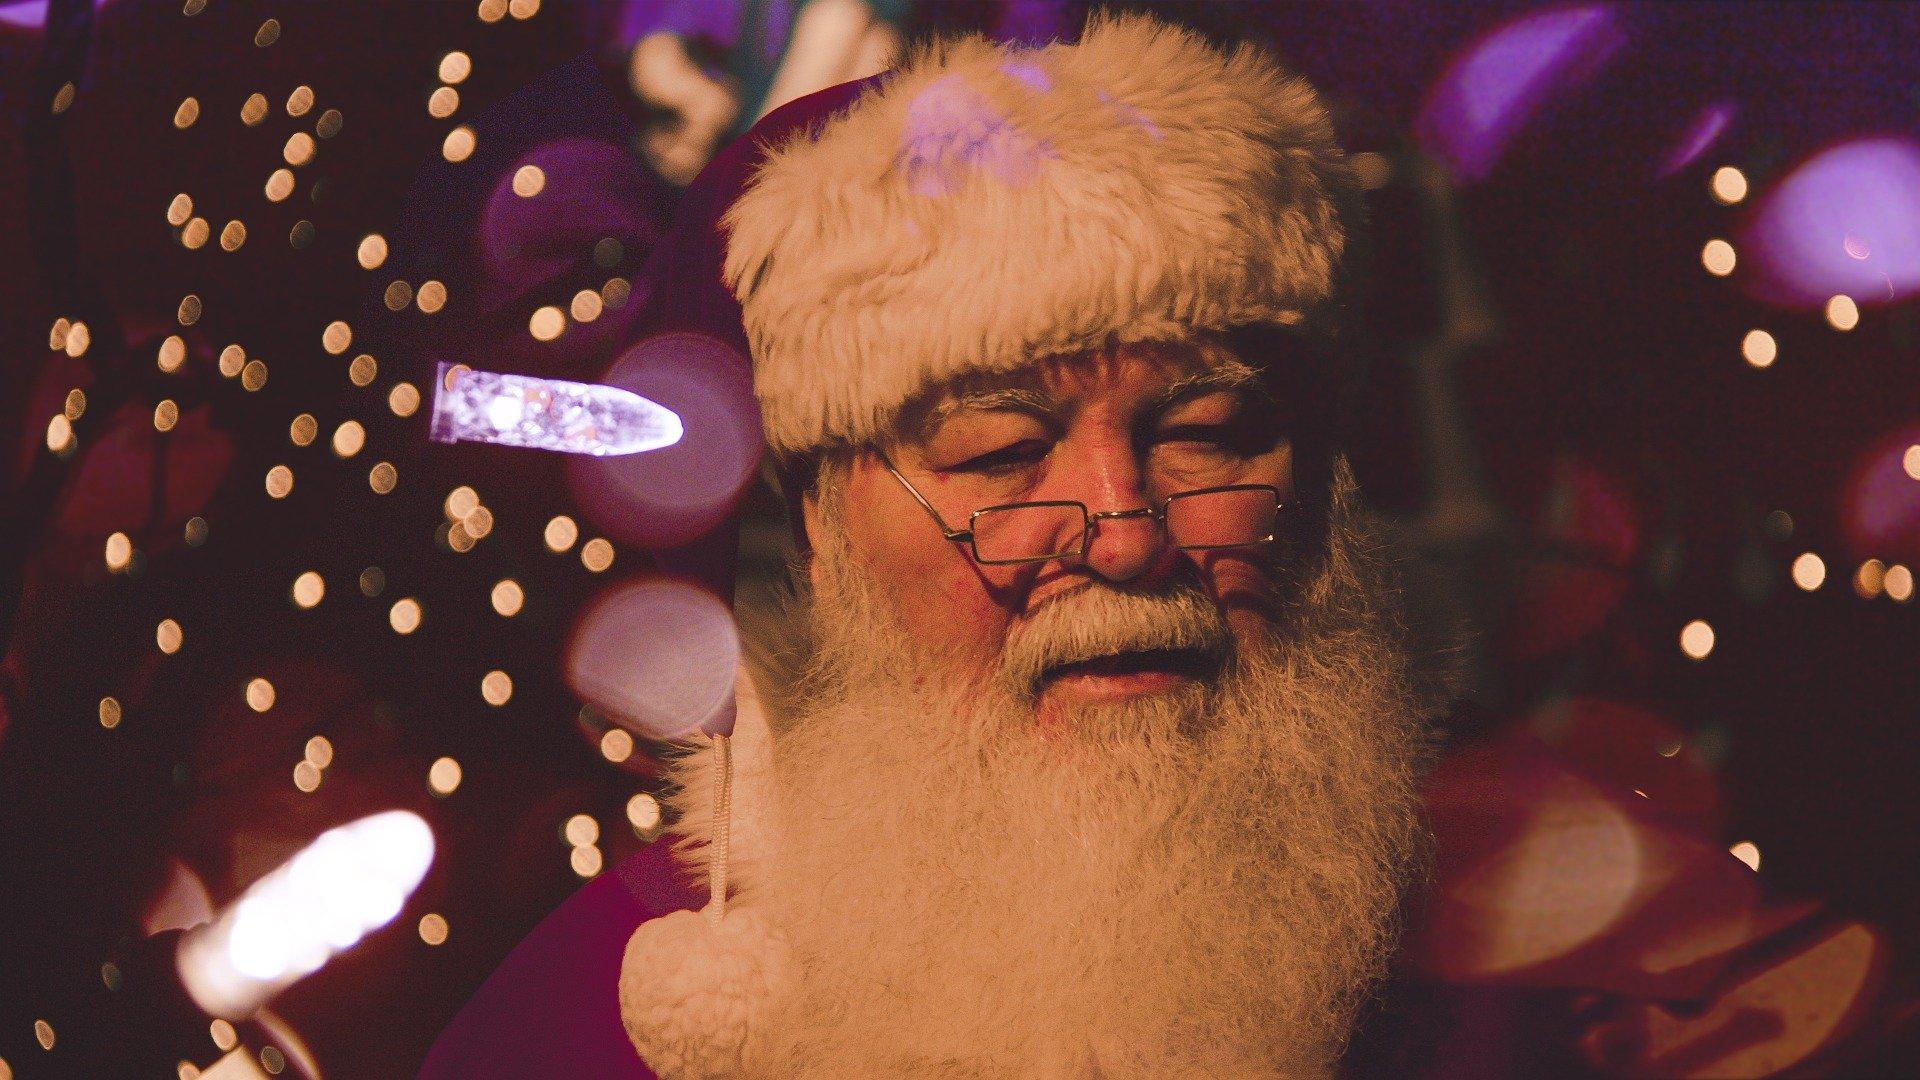 Kto dostanie prezent, a kto rózgę? Mikołajki i Święty Mikołaj